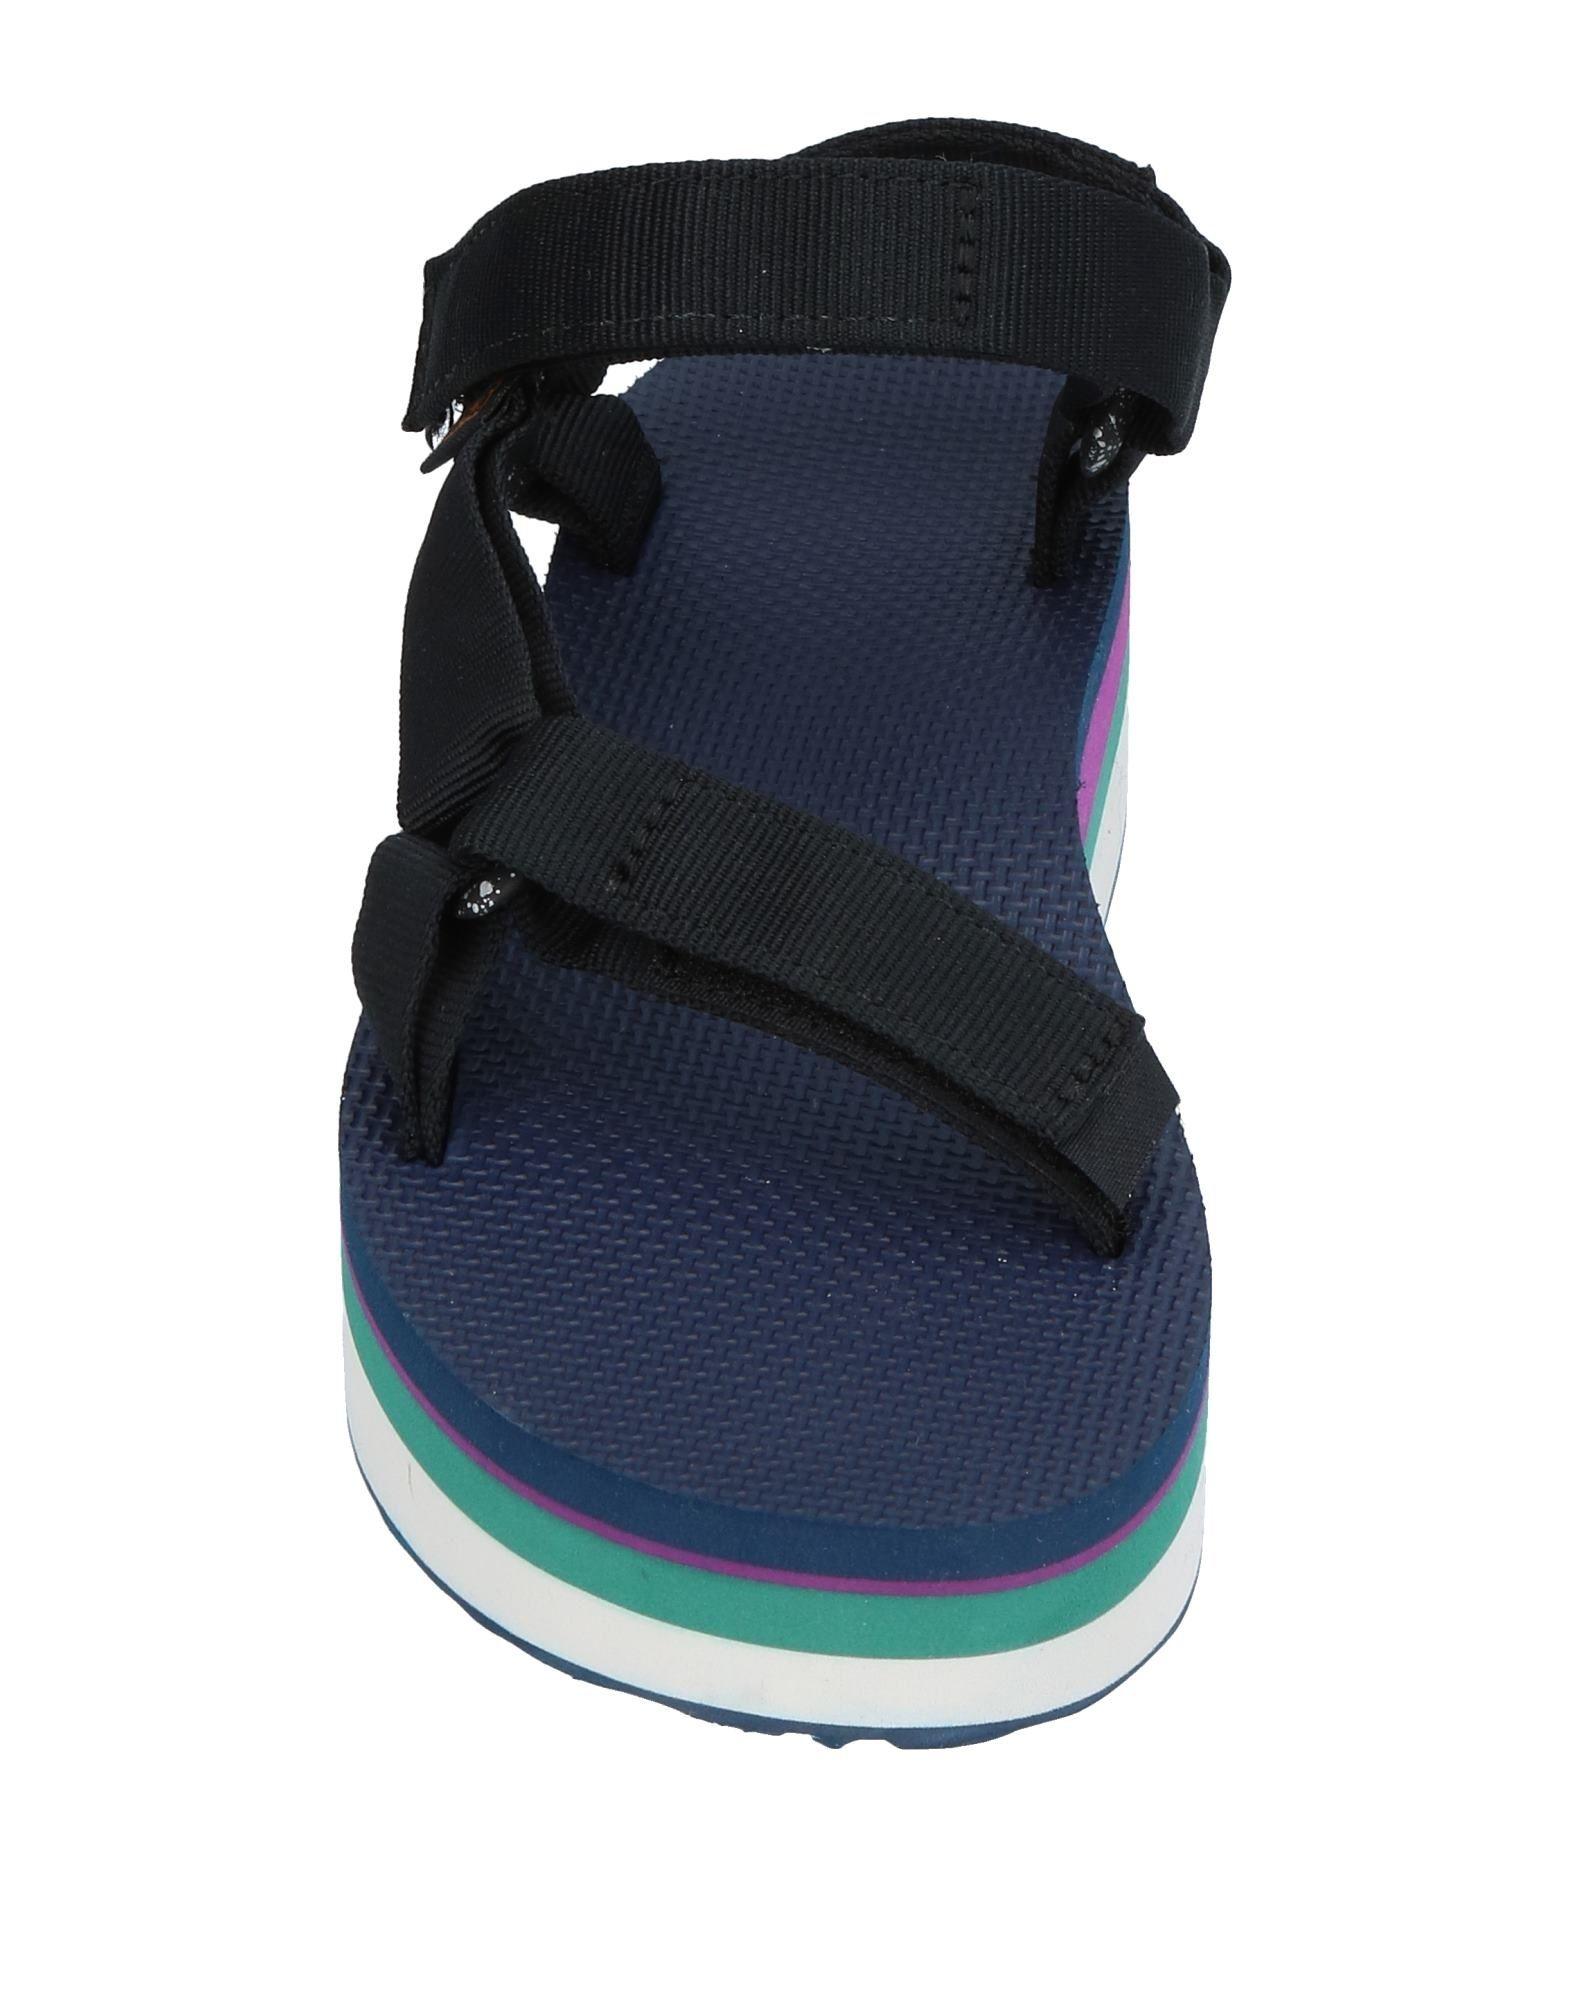 Sandales Teva Femme - Sandales Teva sur